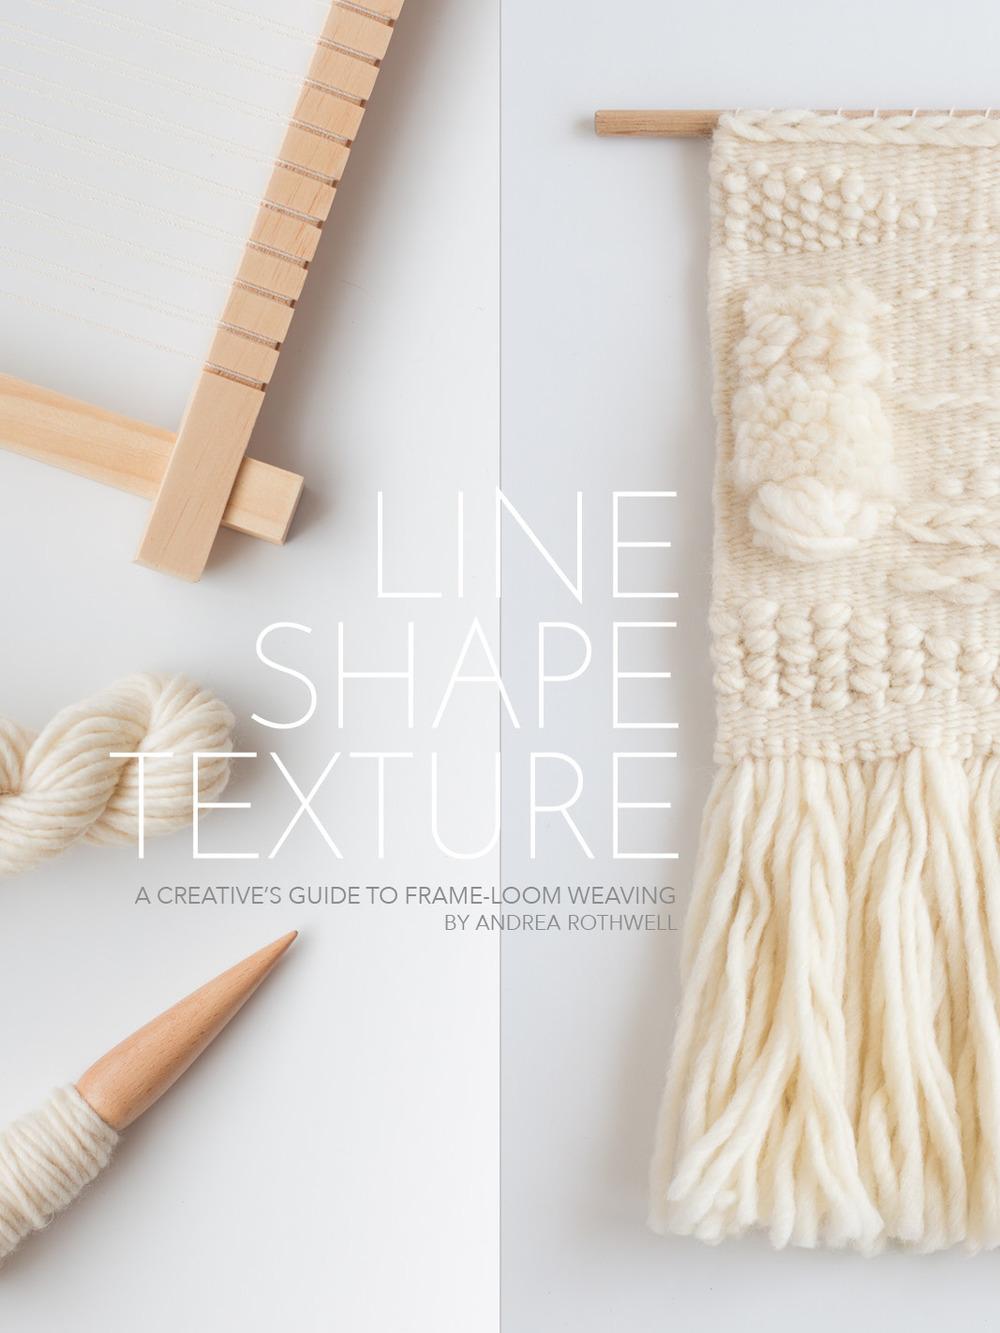 LINE SHAPE TEXTURE